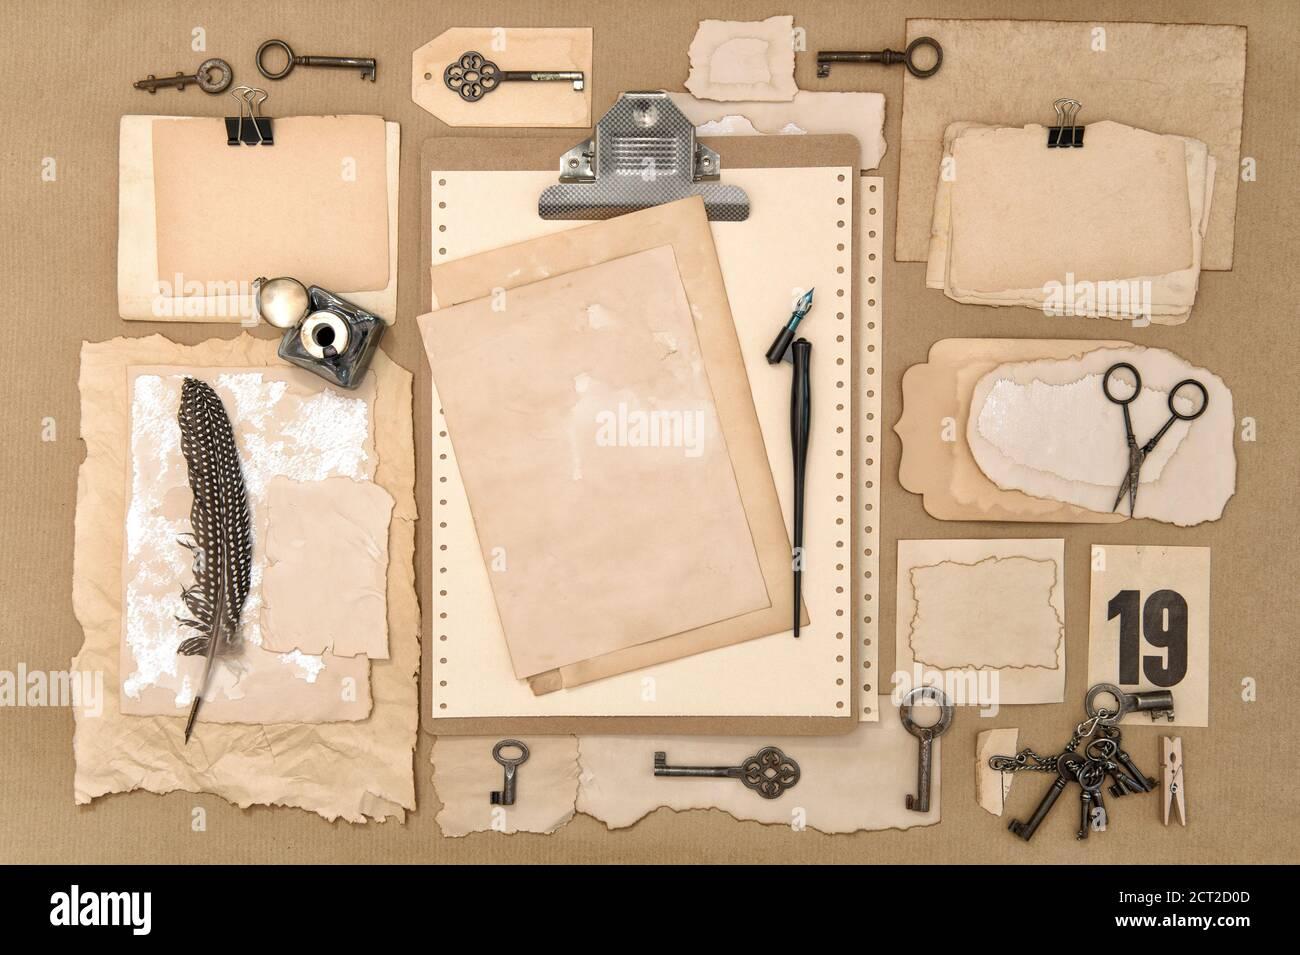 Presse-papiers avec du papier usagé, des outils de scrapbooking et d'écriture Banque D'Images